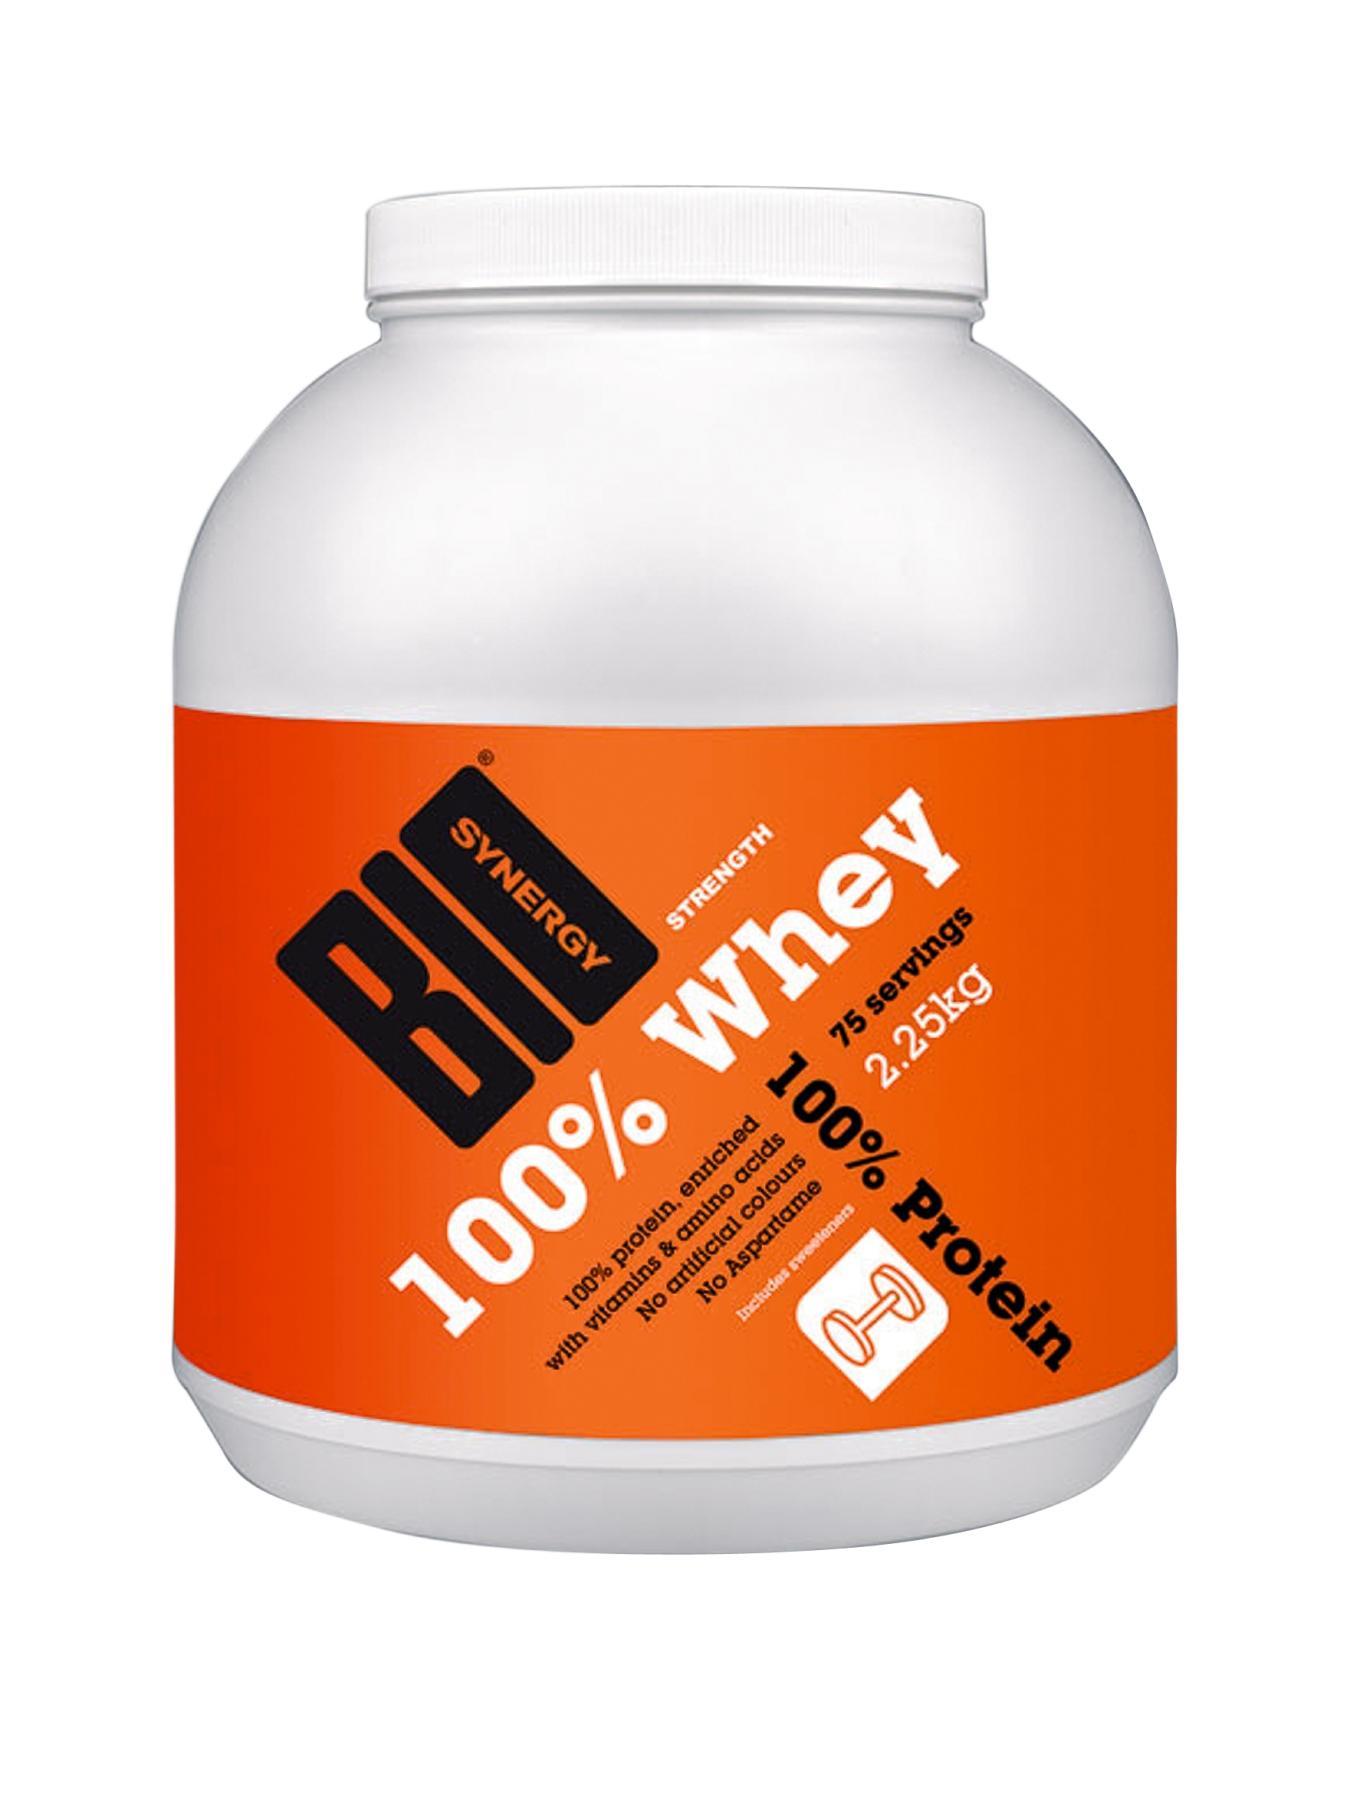 Bio Synergy Whey Hey! 100% Protein - 2.25kg